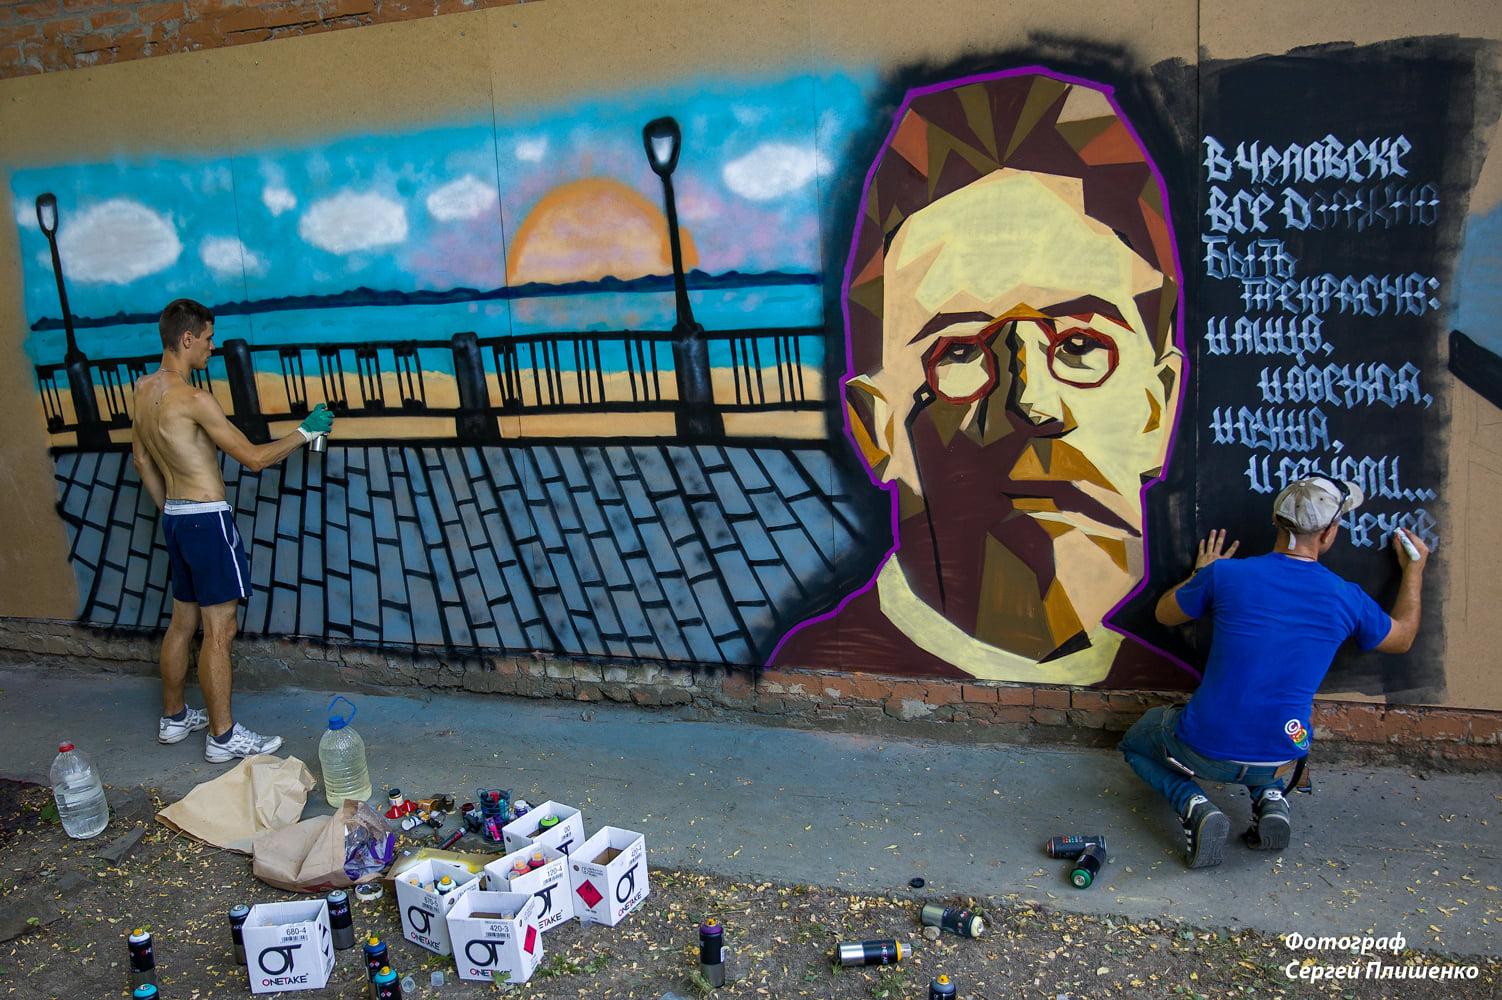 Арт-художники из Москвы приедут в Таганрог на фестиваль граффити